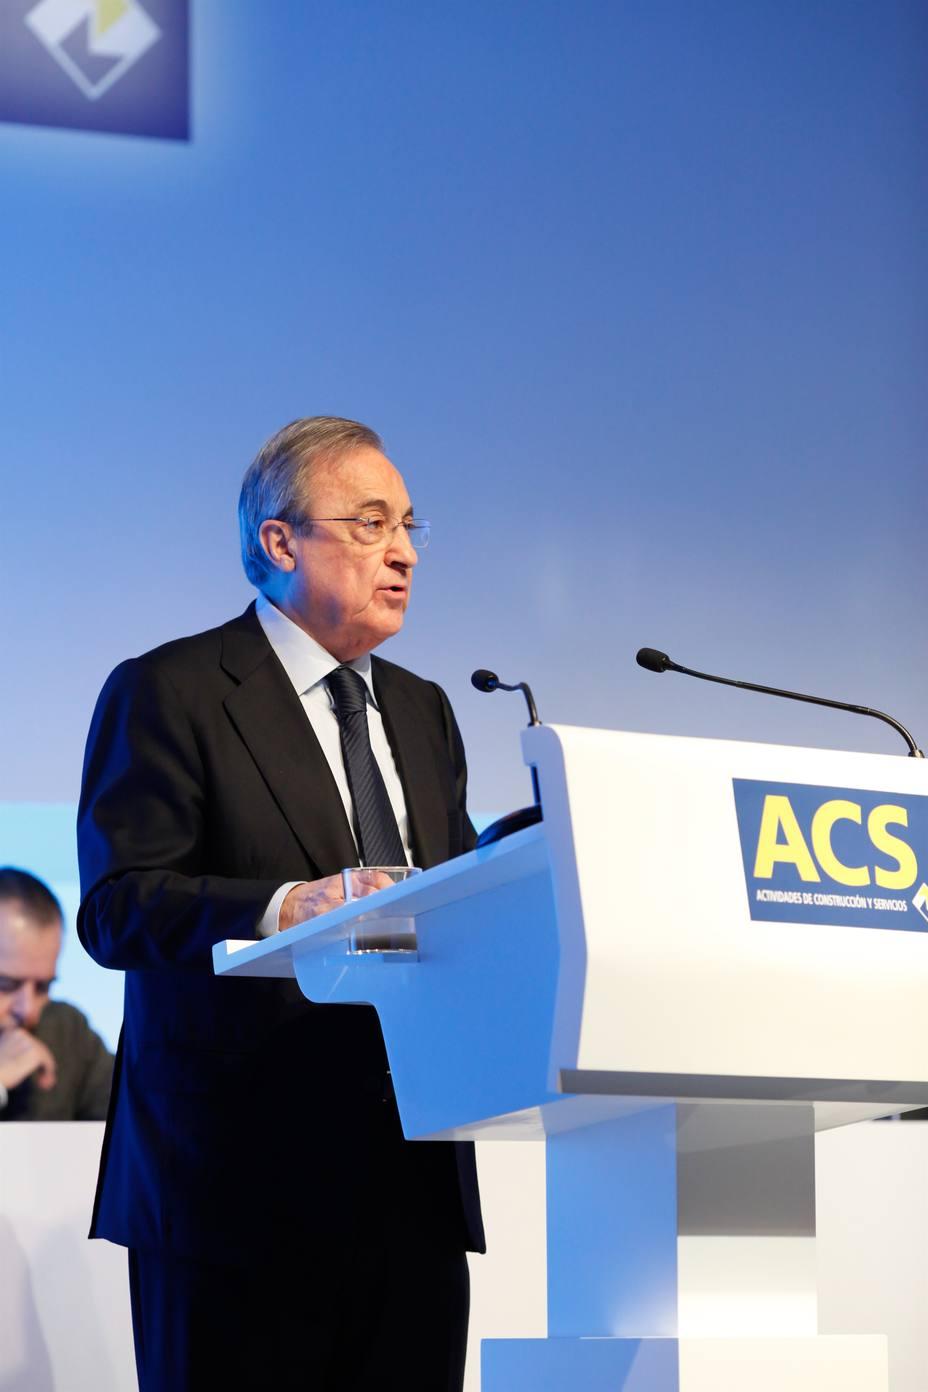 ACS se hace con el 100% de la firma de renovables Bow Power al comprar el 49% de GIP por 85 millones